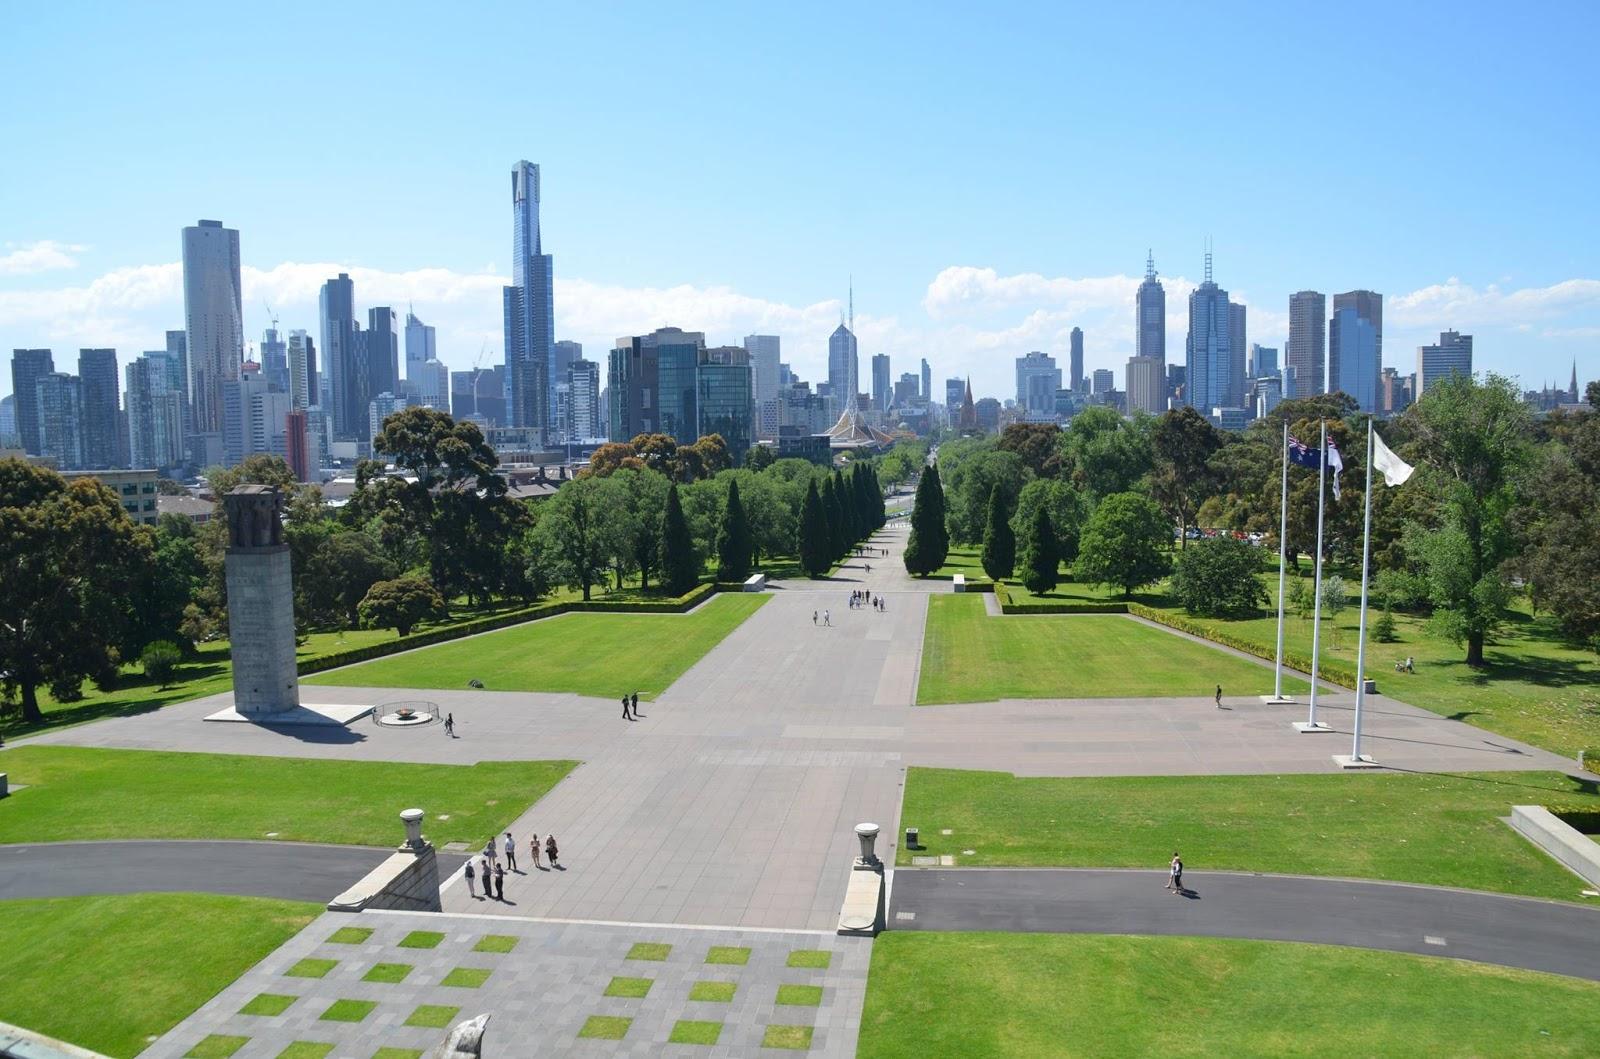 gratuit asiatique rencontres sites Melbourne le branchement Biloxi commentaires